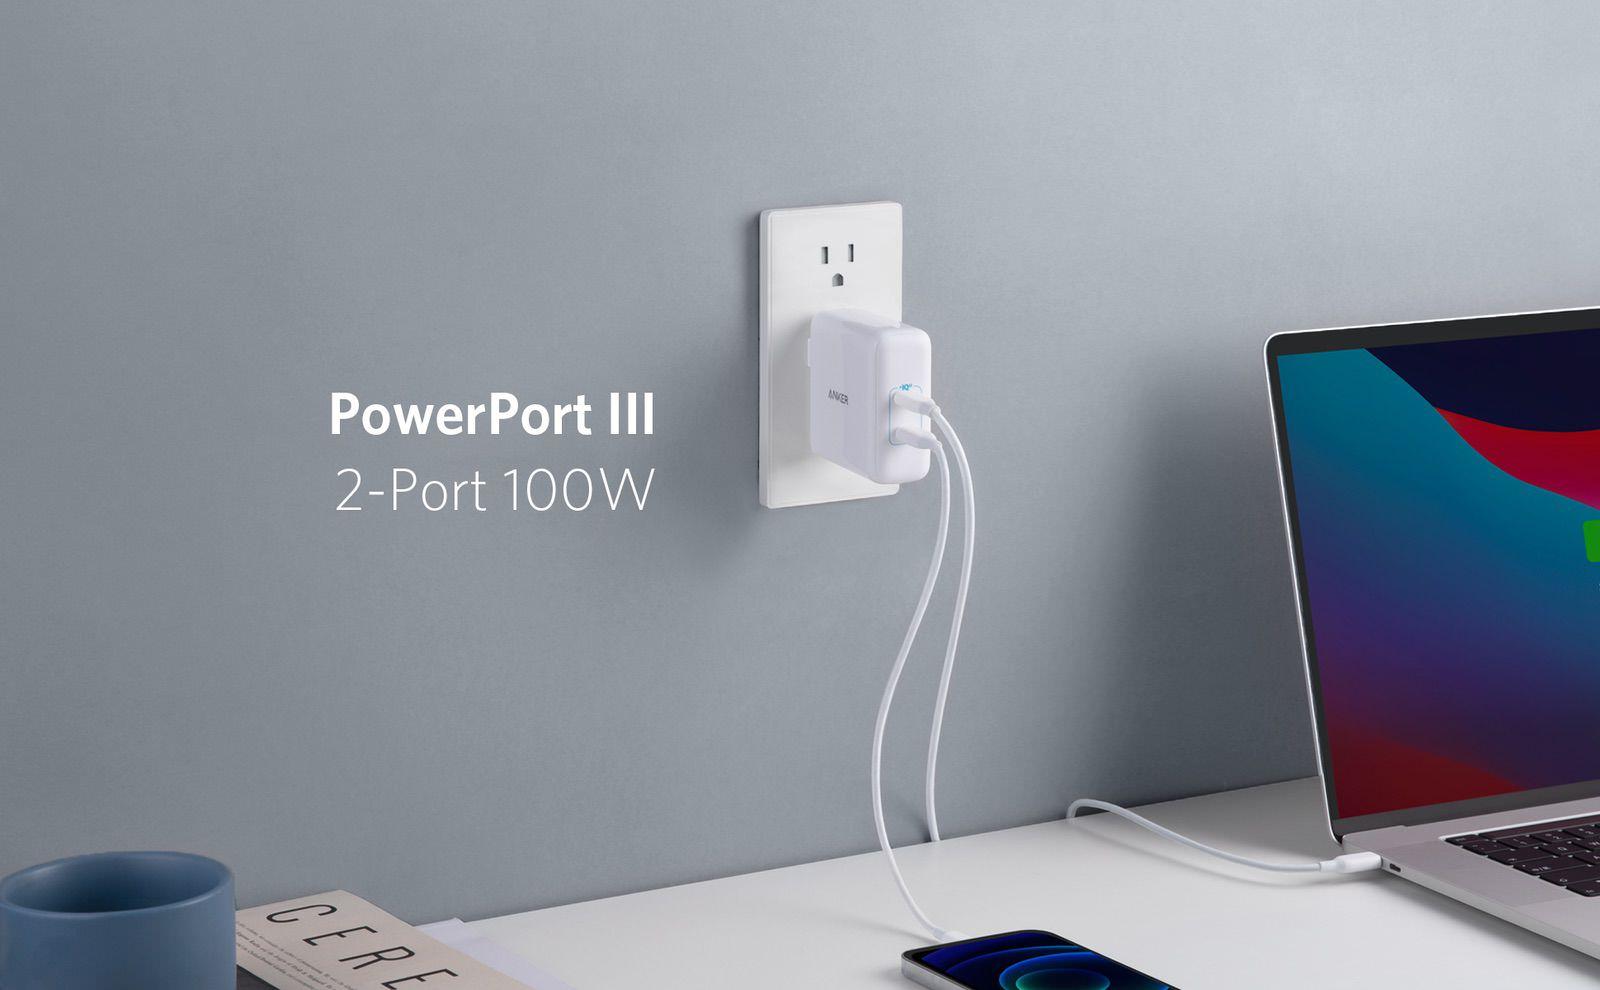 Anker PowerPort III 2-Port 100W 01